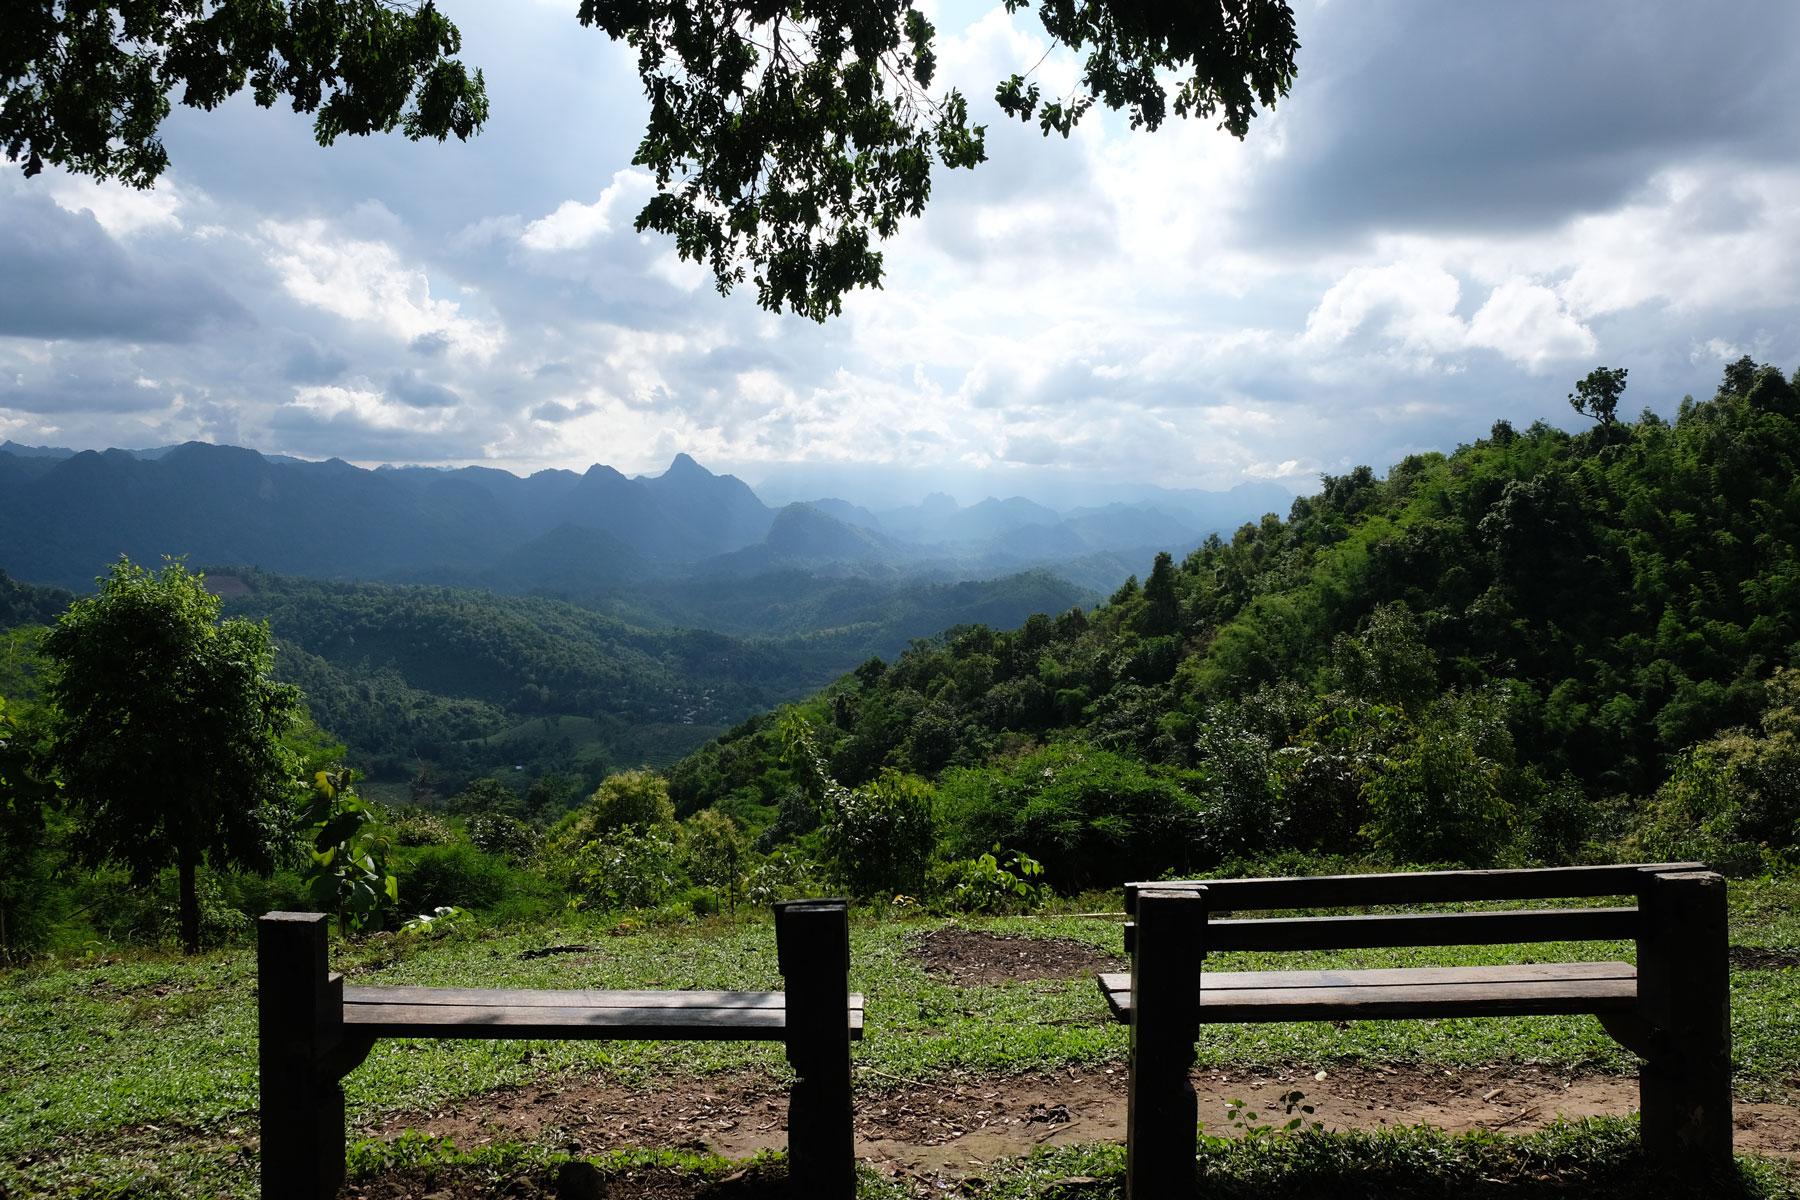 Zwei Sitzbänke stehen oberhalb von bewaldeten Bergen in einem Nationalpark in Thailand.